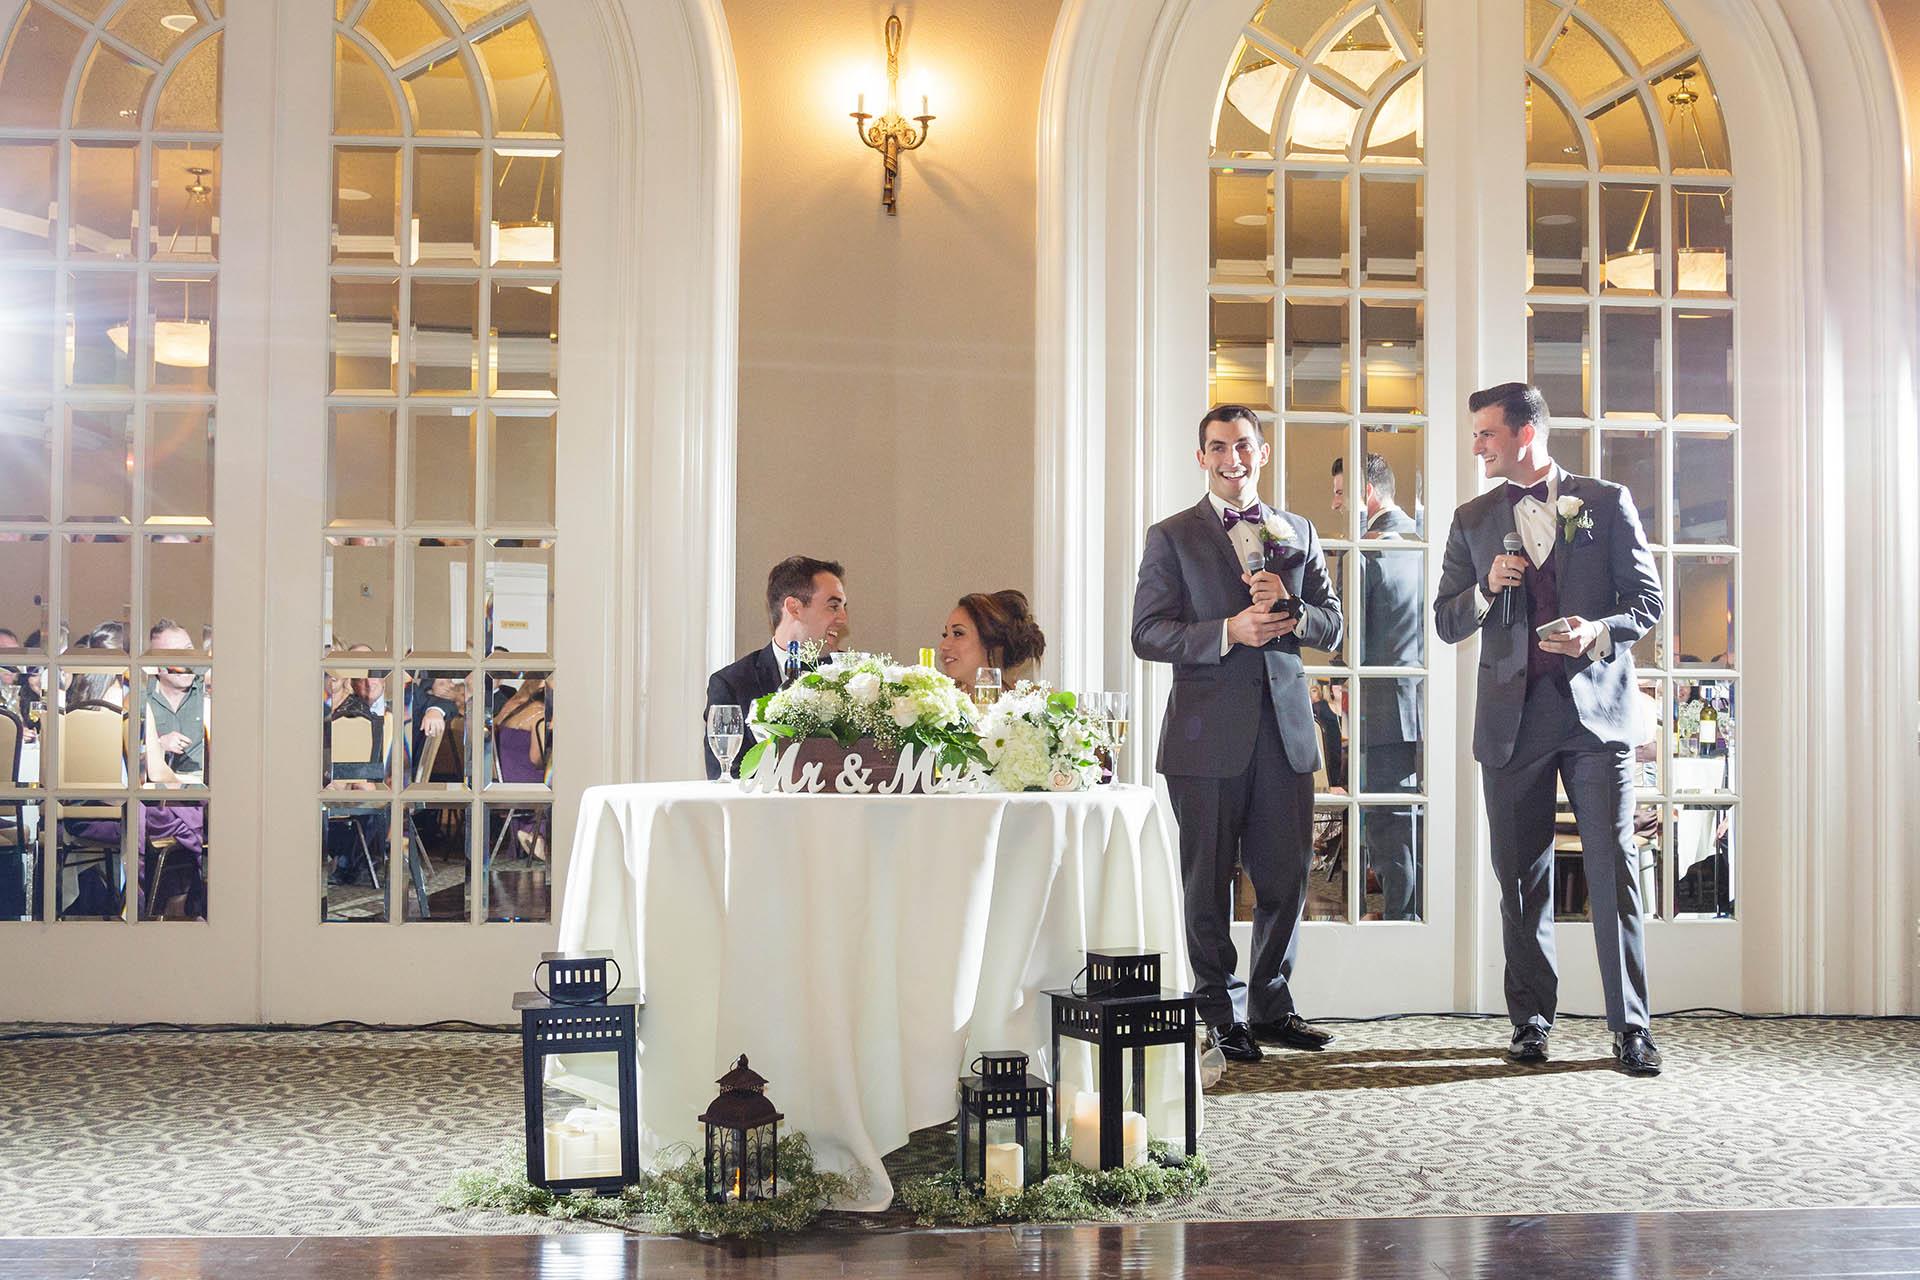 Sterling Hotel Wedgewood Weddings